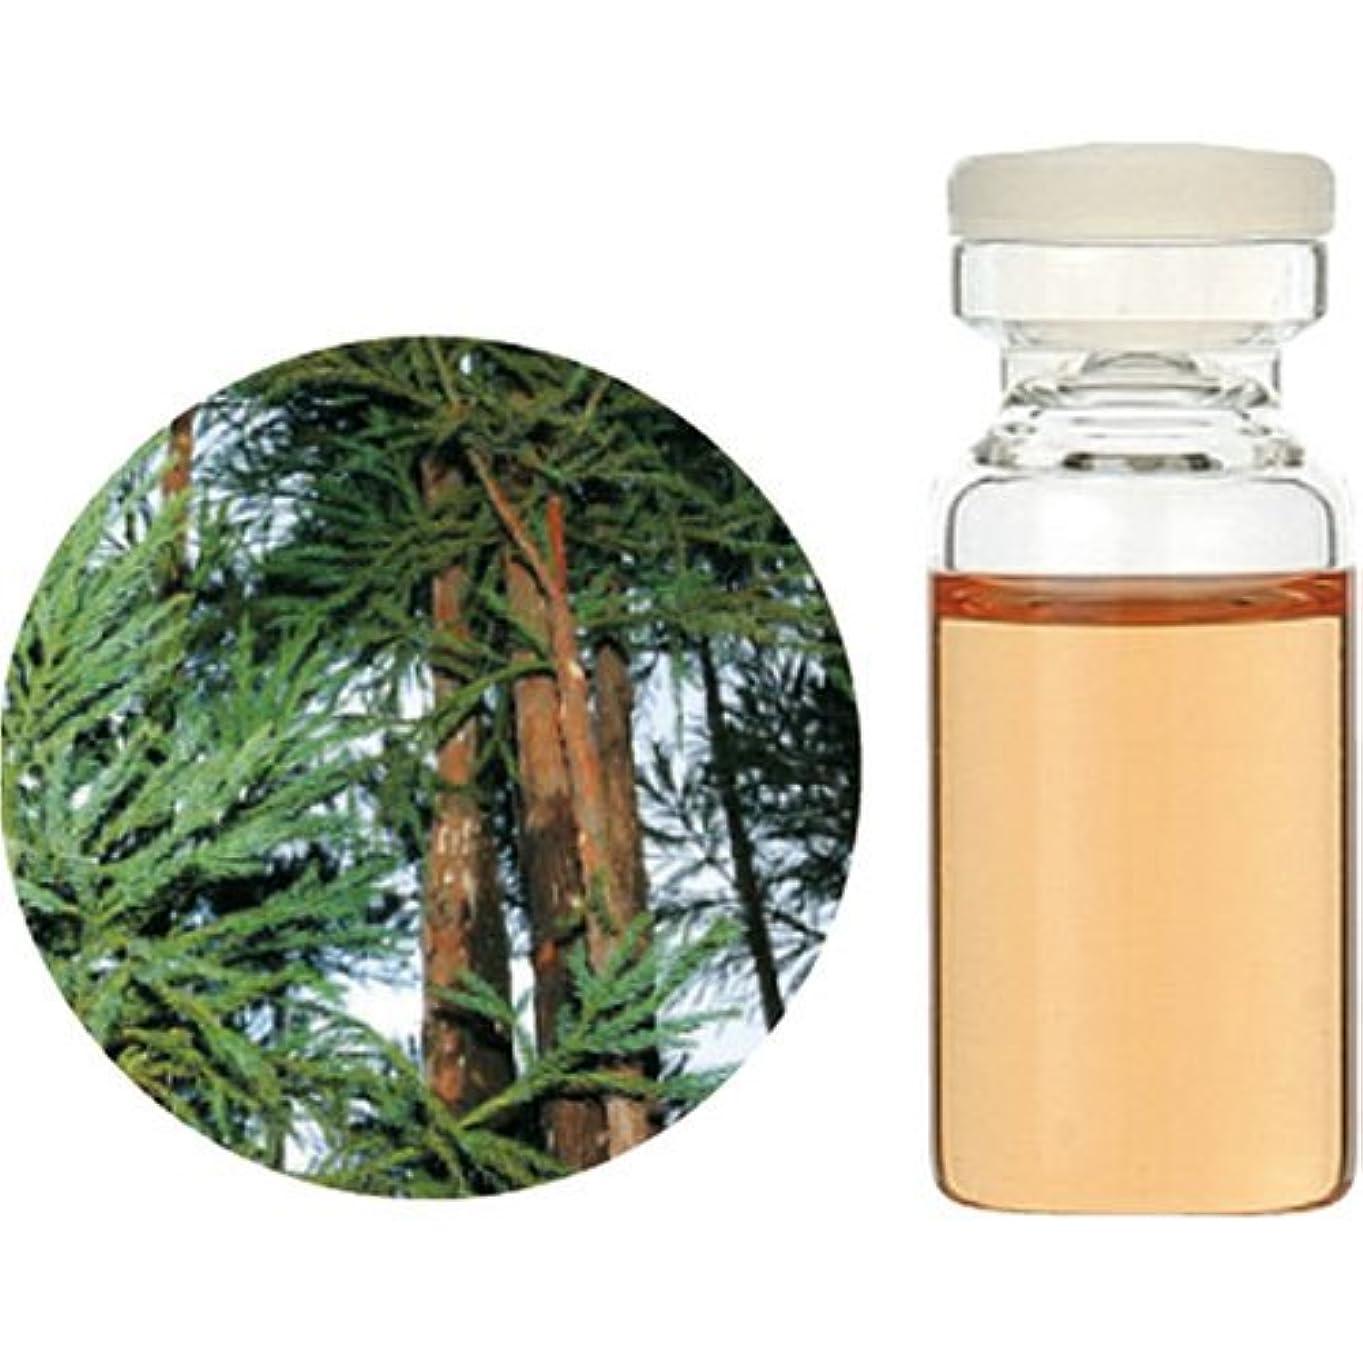 人気トロピカル障害者生活の木 C 和精油 杉 (木部) エッセンシャルオイル 10ml